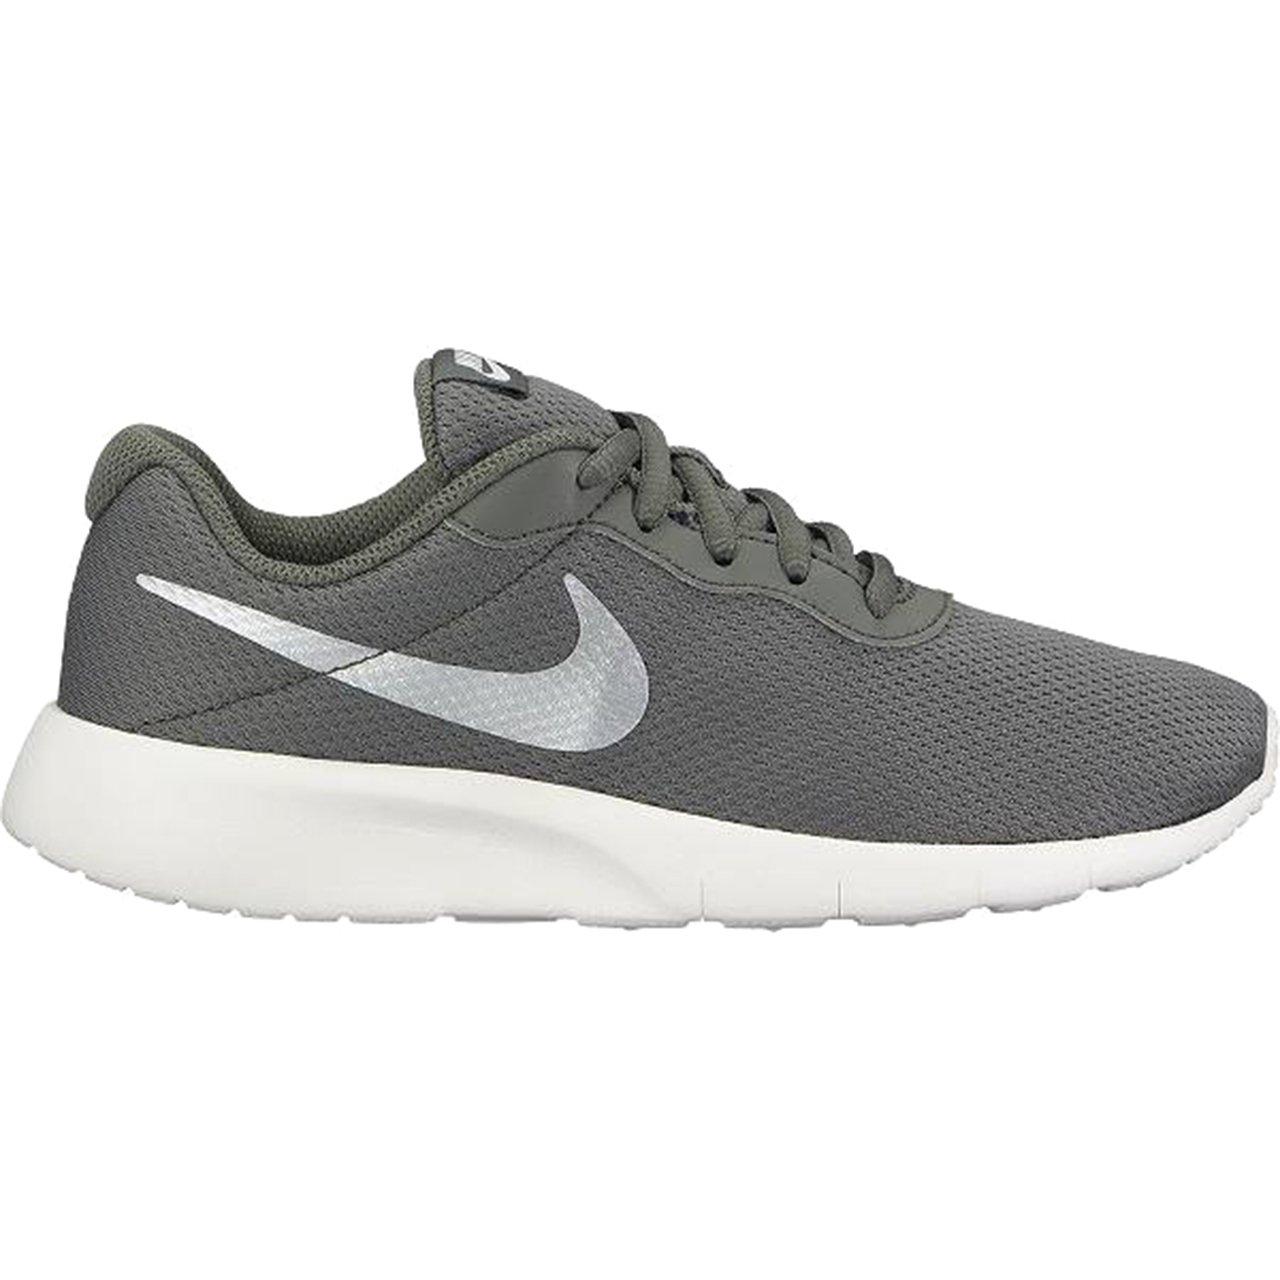 zum halben Preis bester Verkauf neuer Stil & Luxus Nike Children's Tanjun (GS) Grey Mesh Trainers, 818381 013 ...